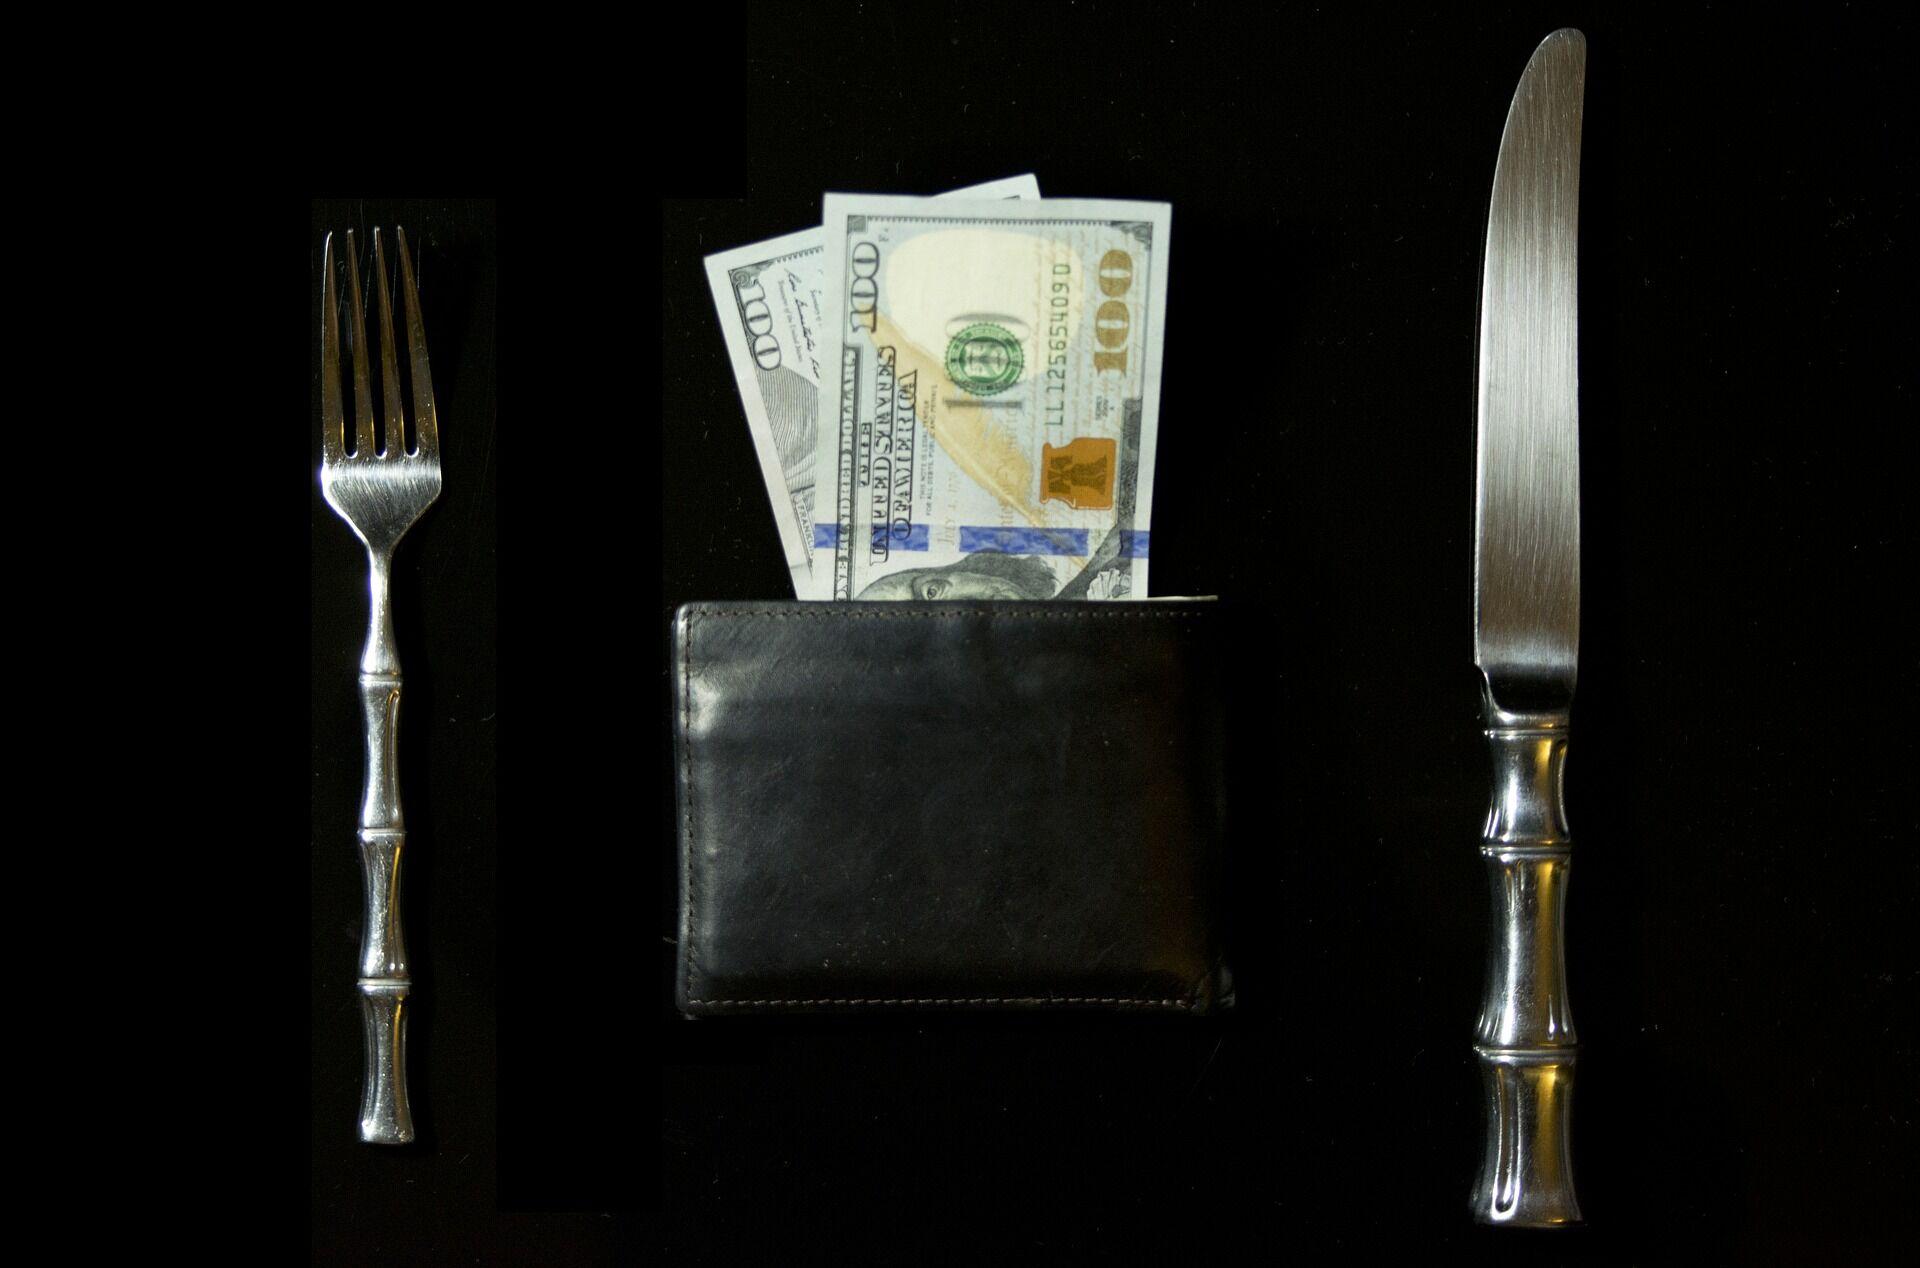 День борьбы с собственной жадностью: лучшие картинки для прикольных поздравлений